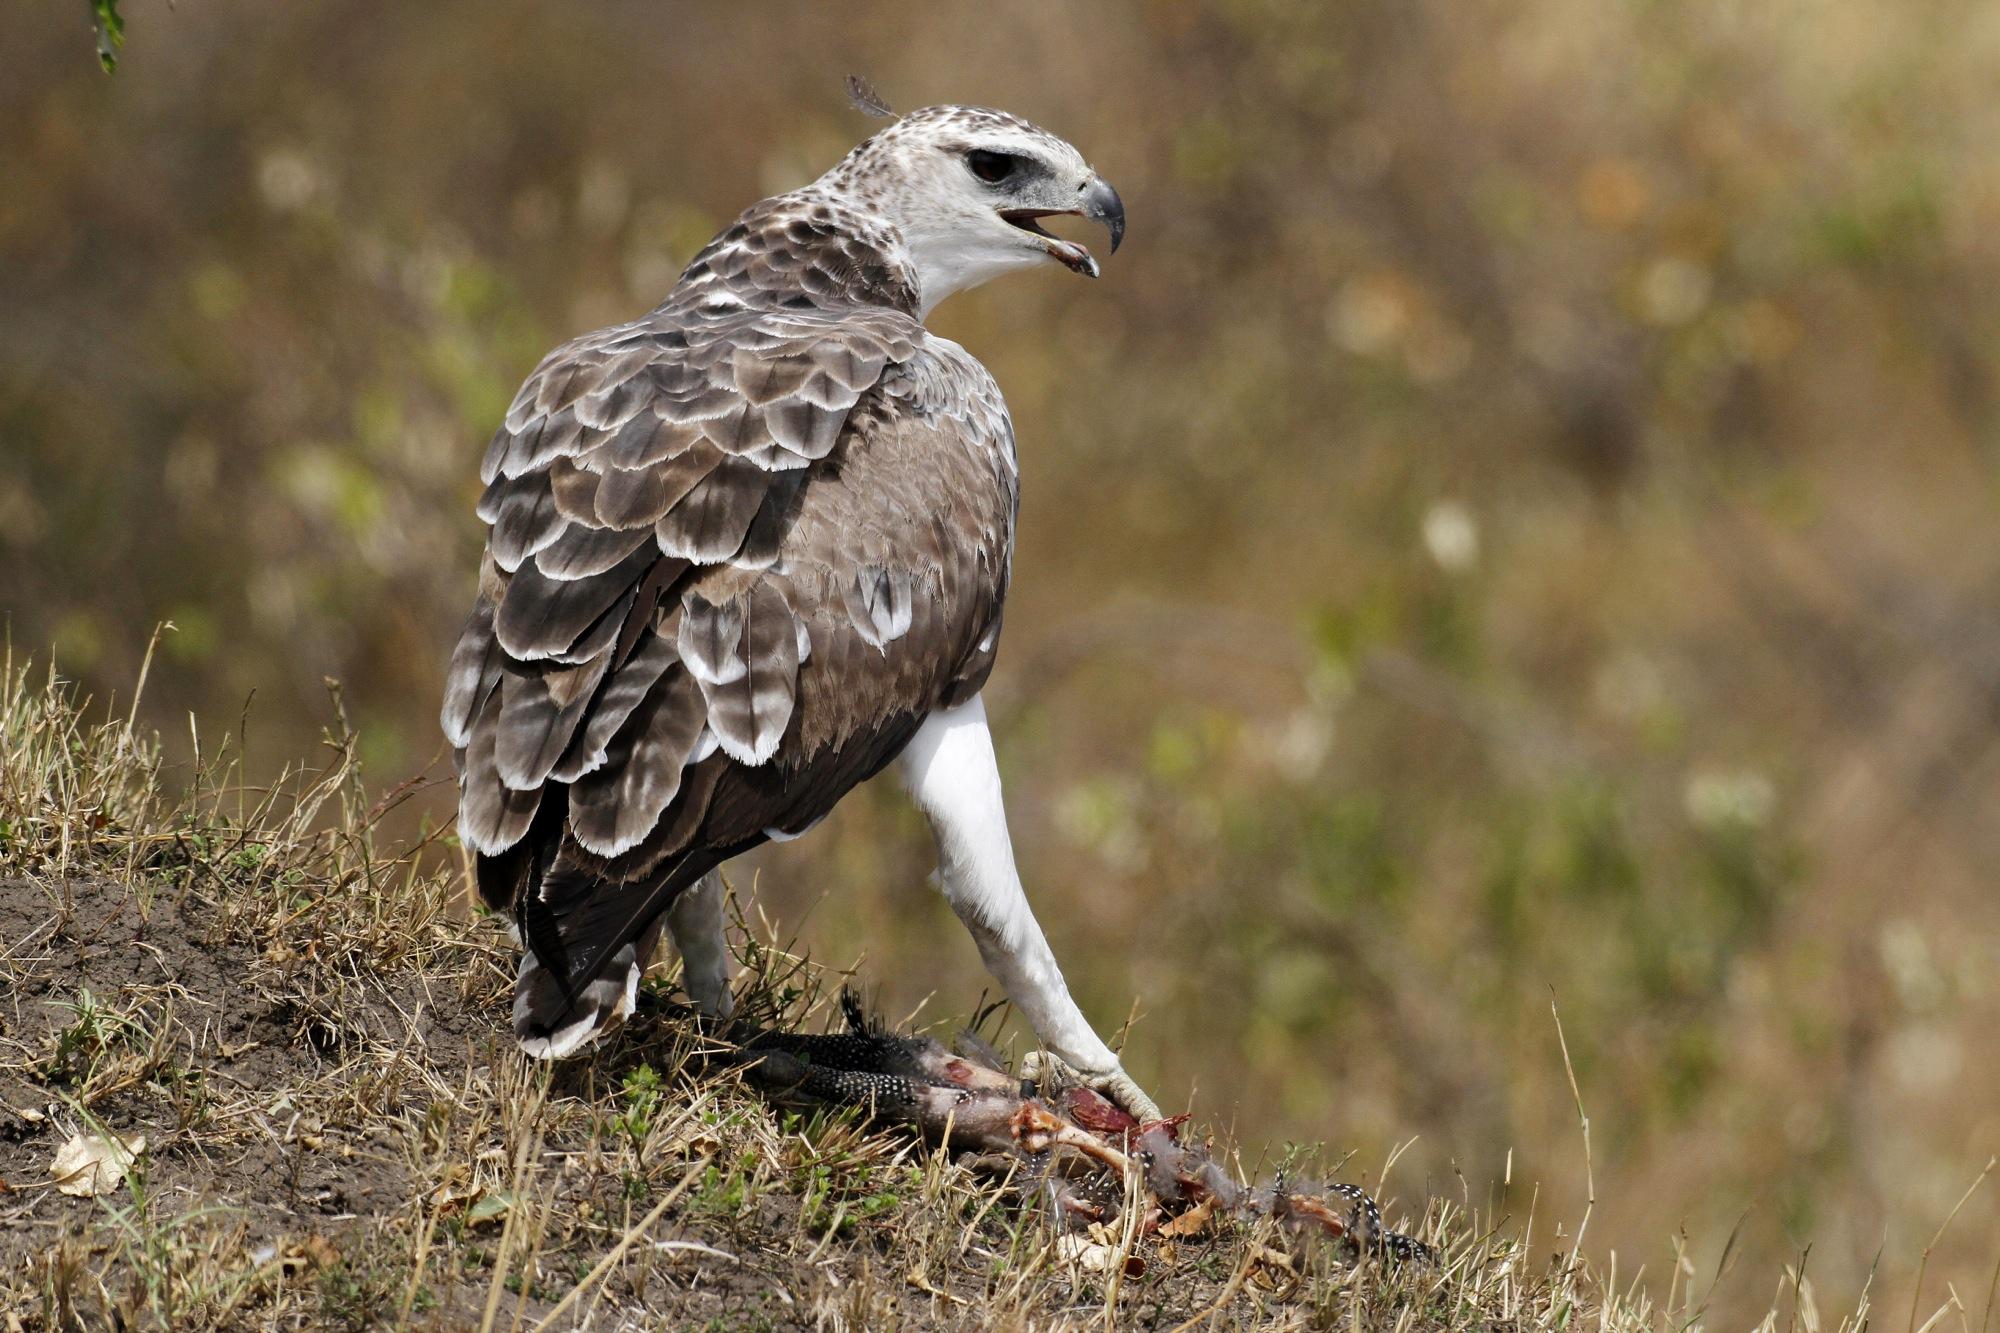 Martial Eagle and prey.